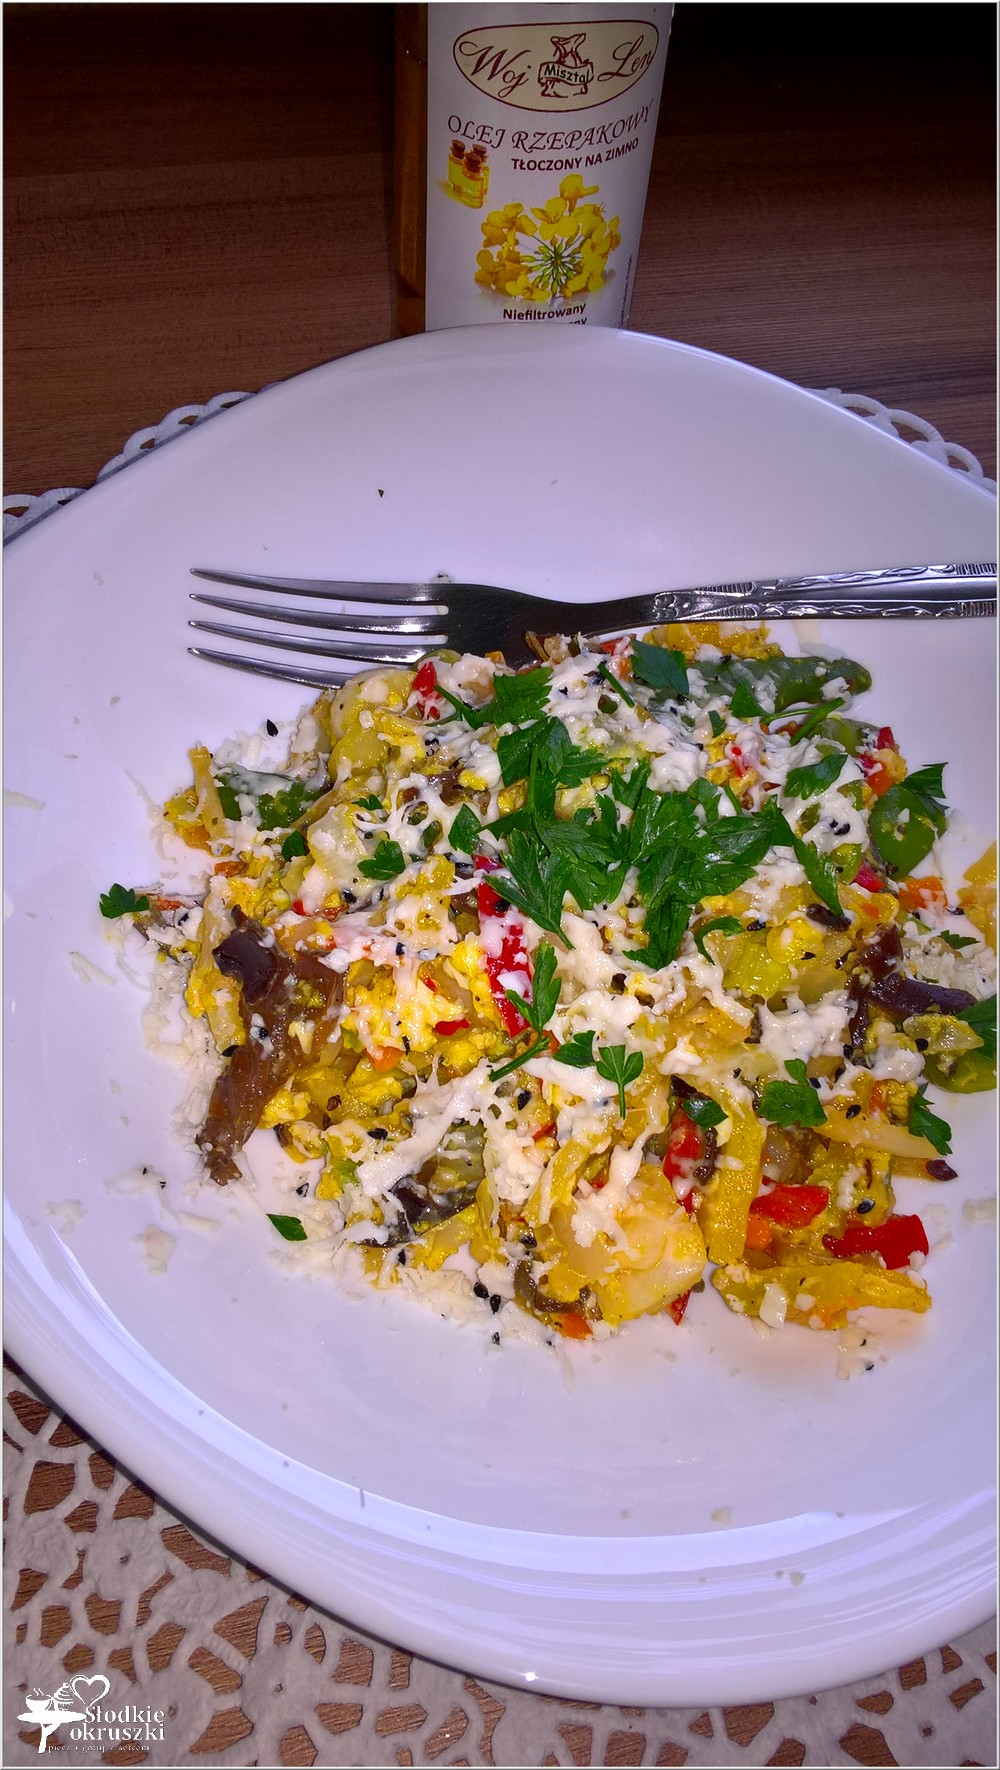 Smażone warzywa z jajkiem i serem korycińskim (4)